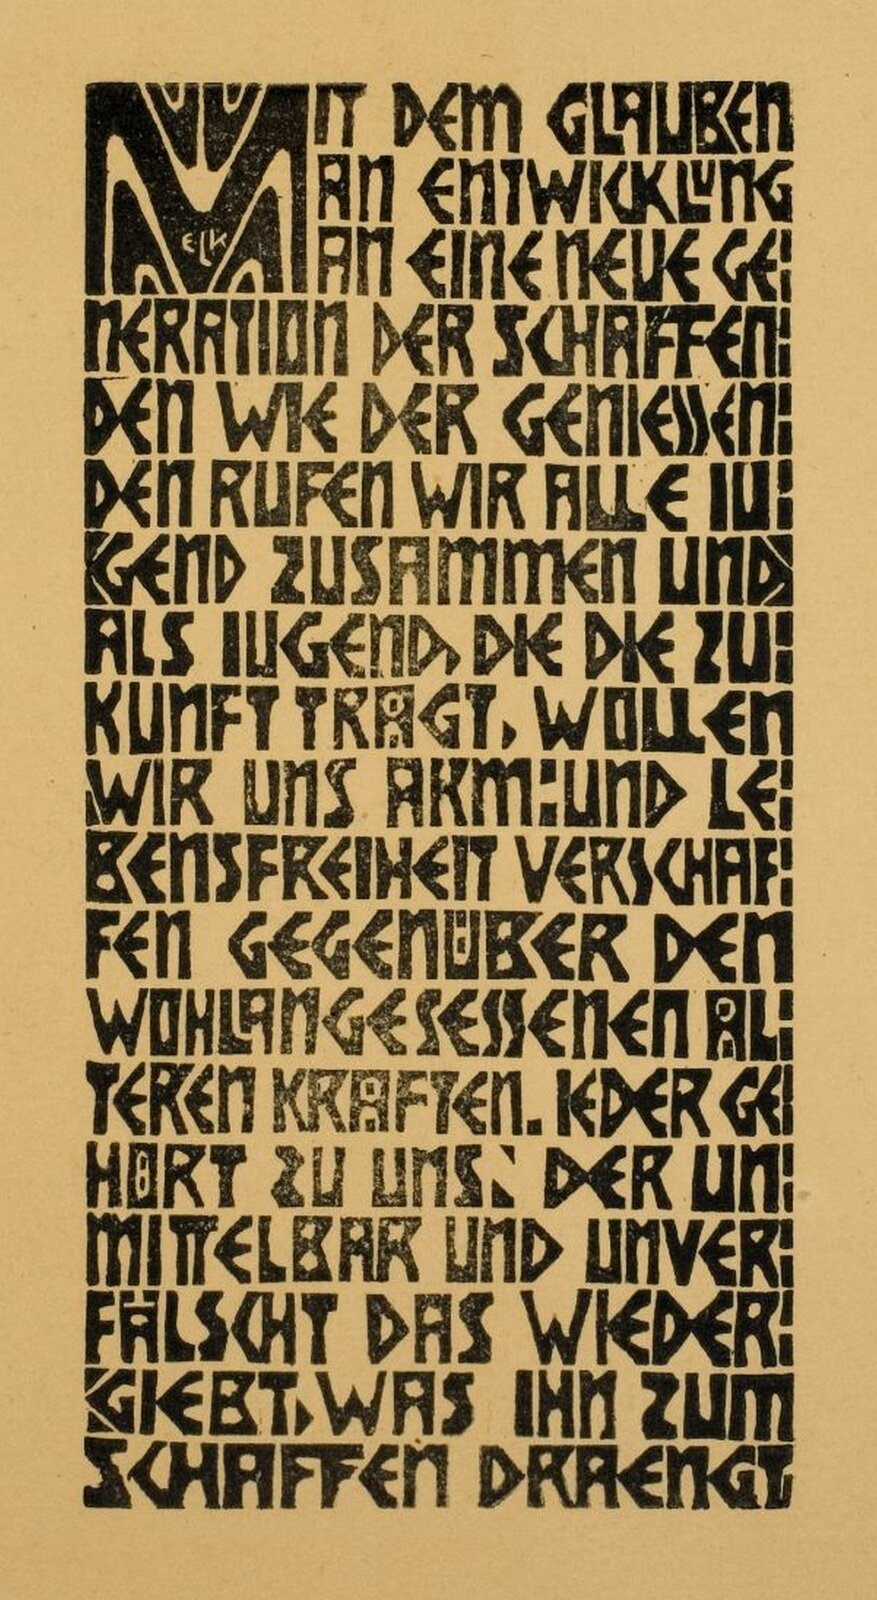 """Ilustracja przedstawia grafikę Ernsta Ludwiga Kirchnera zawierającą manifest grupy """"Die Brücke"""". Jest to drzeworyt - manifest programowy """"Die Brücke"""" - ugrupowania niemieckich artystów ekspresjonistów. Pierwsza litera Mjest większa, acały tekst przypomina wycinankę."""